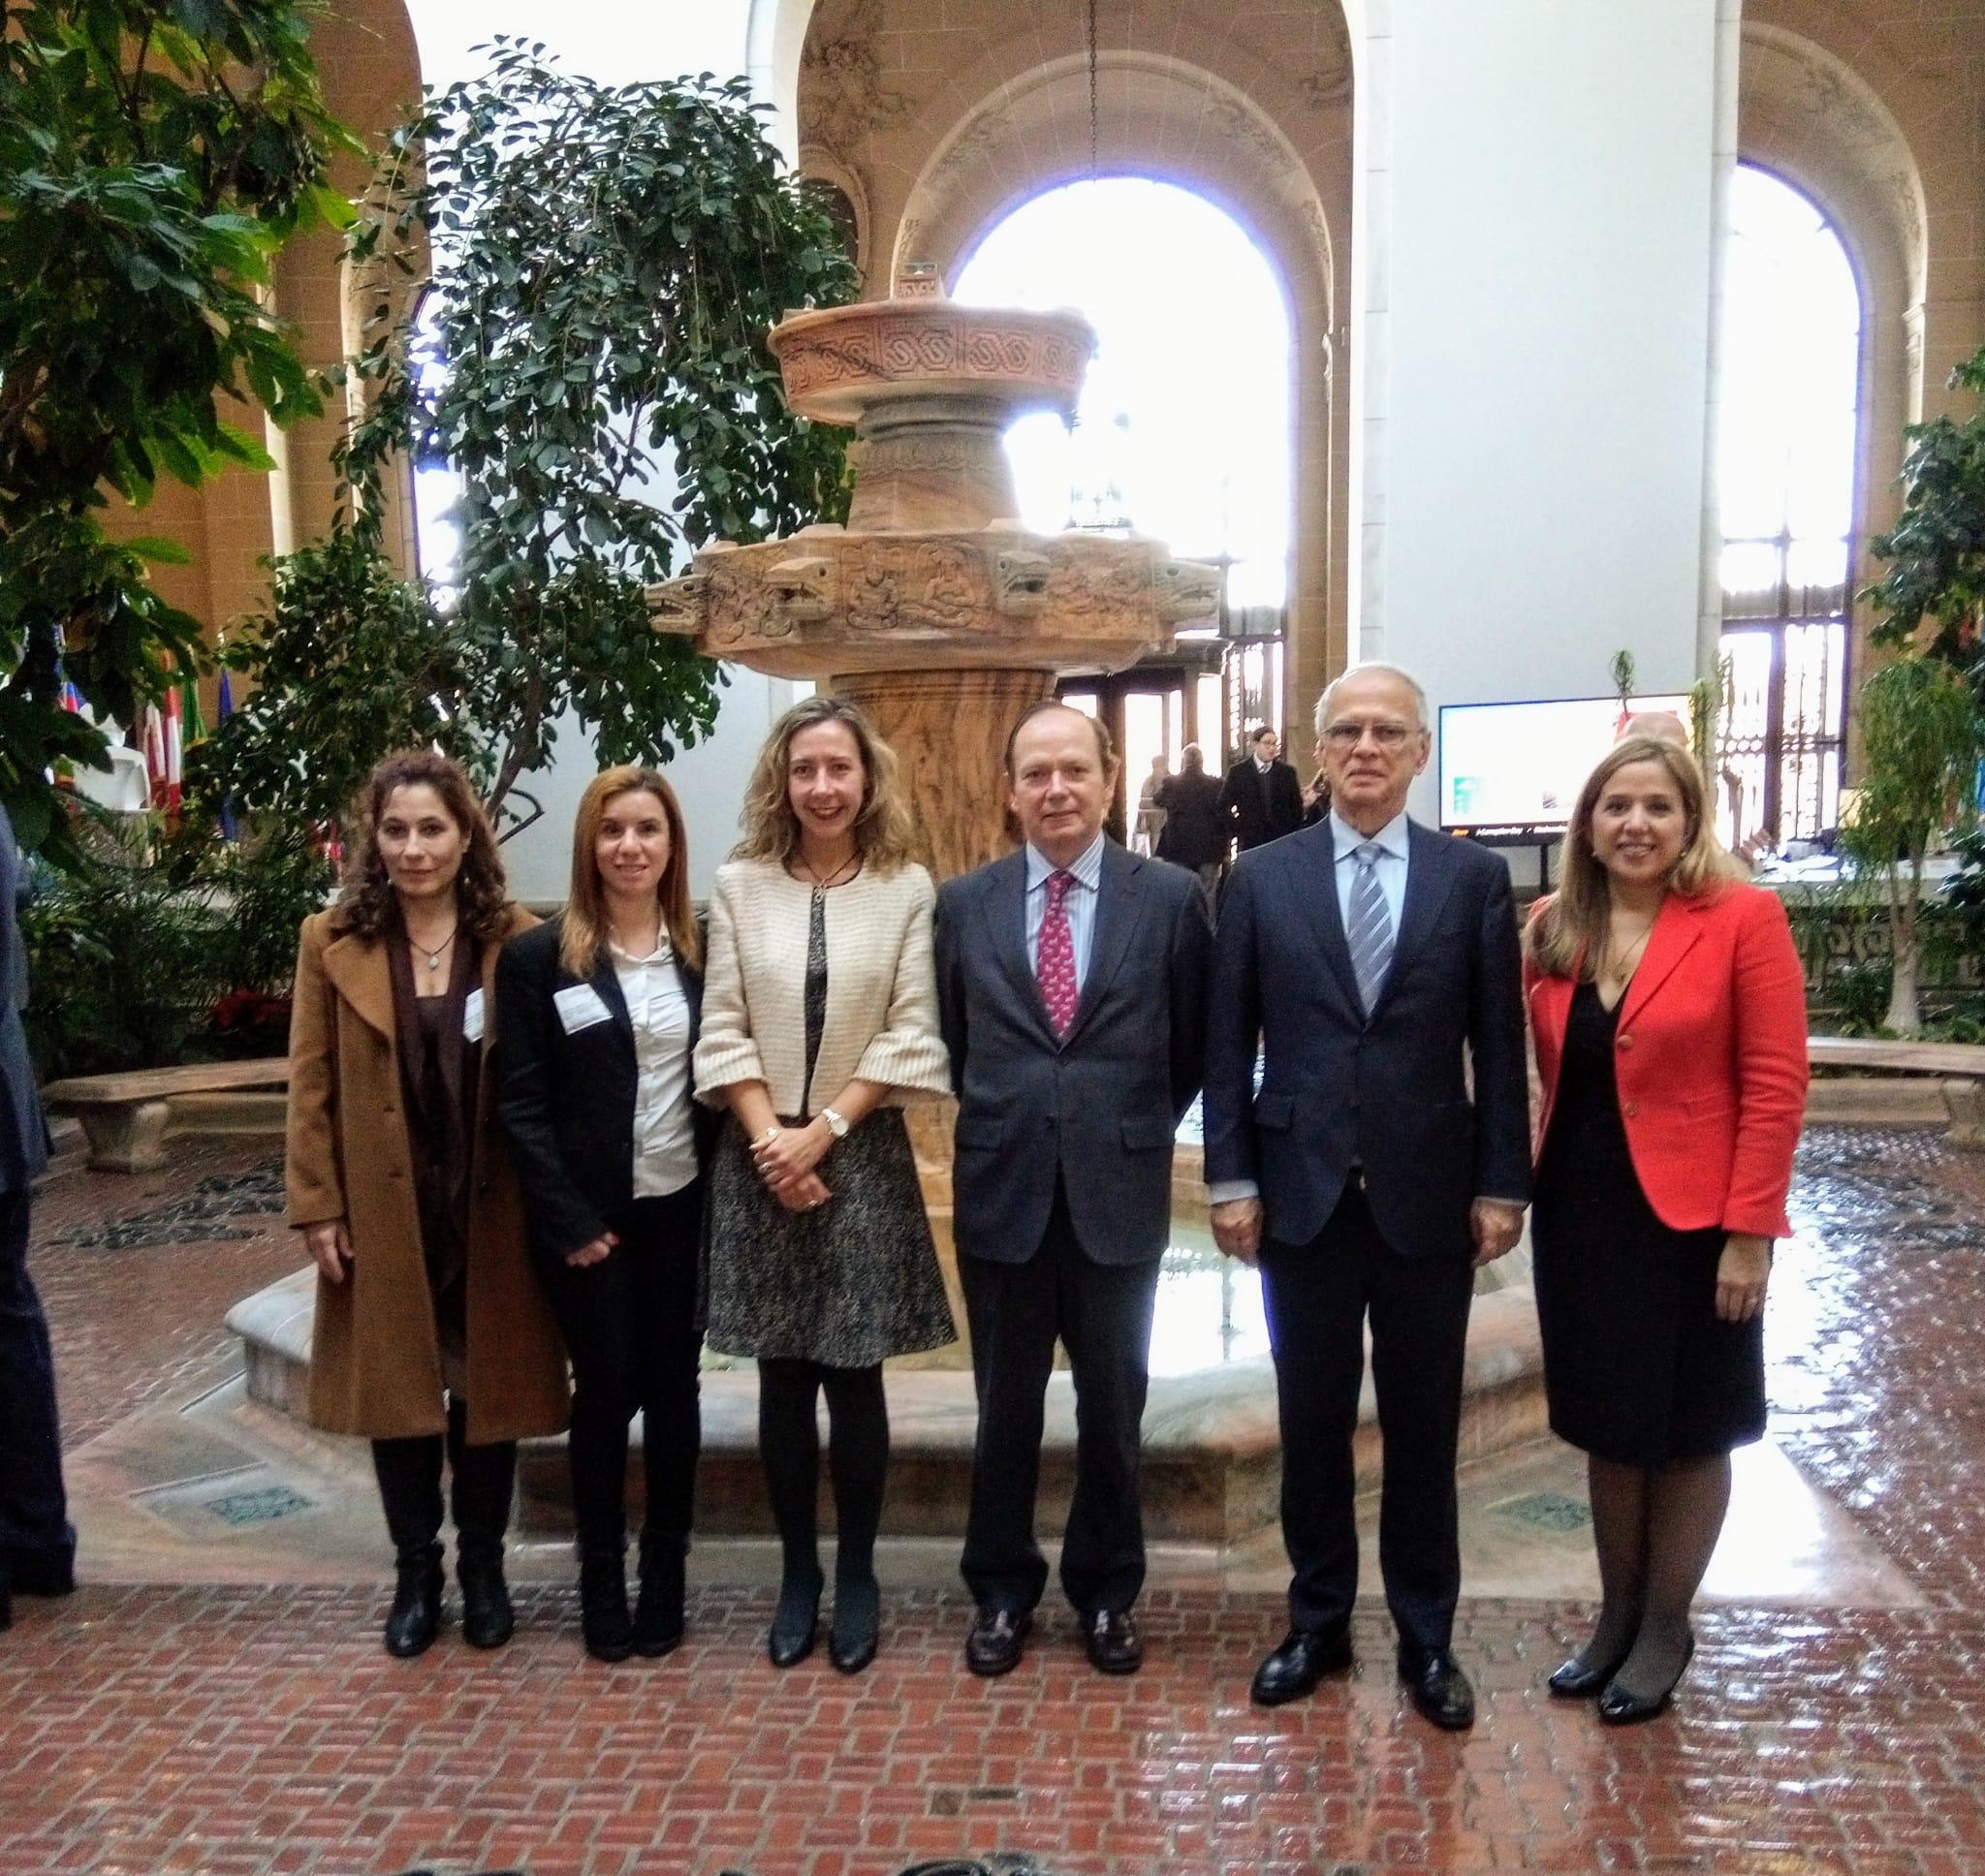 Delegación española encabezada por Patricia Sanz, en el centro de la imagen, junto al embajador permanente de España ante la OEA, Cristobal Ramón Valdés